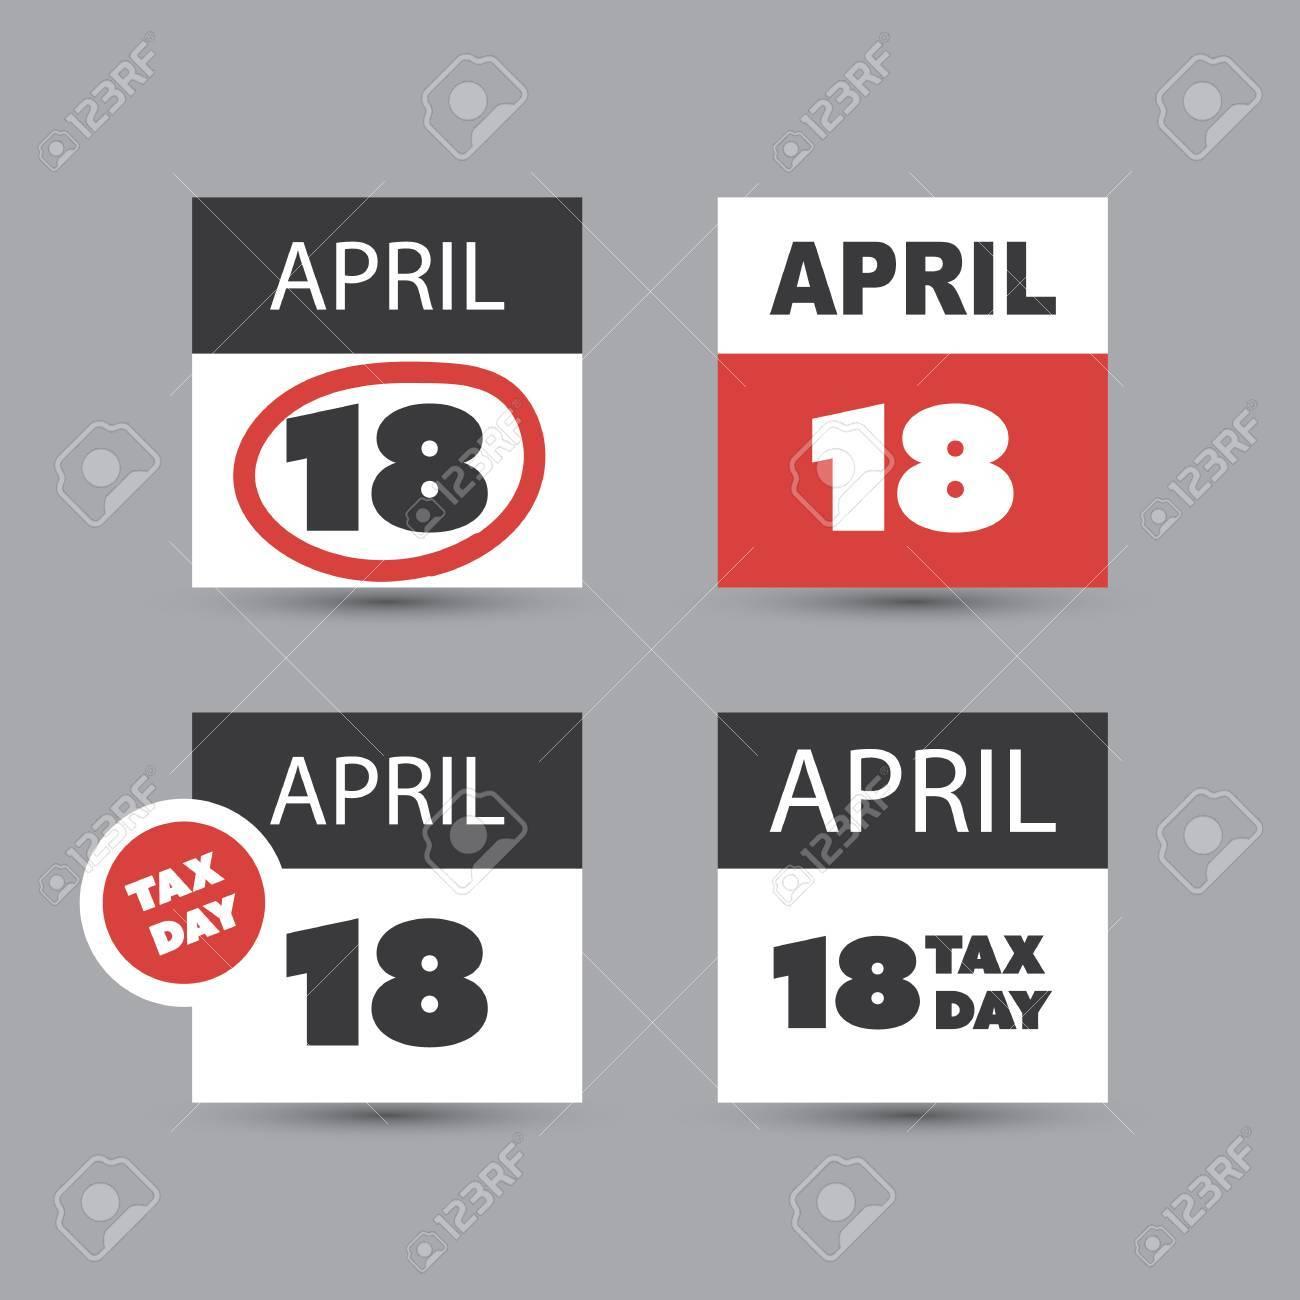 Conjunto De Iconos De Día De Impuestos De EE.UU. - Plantillas De ...